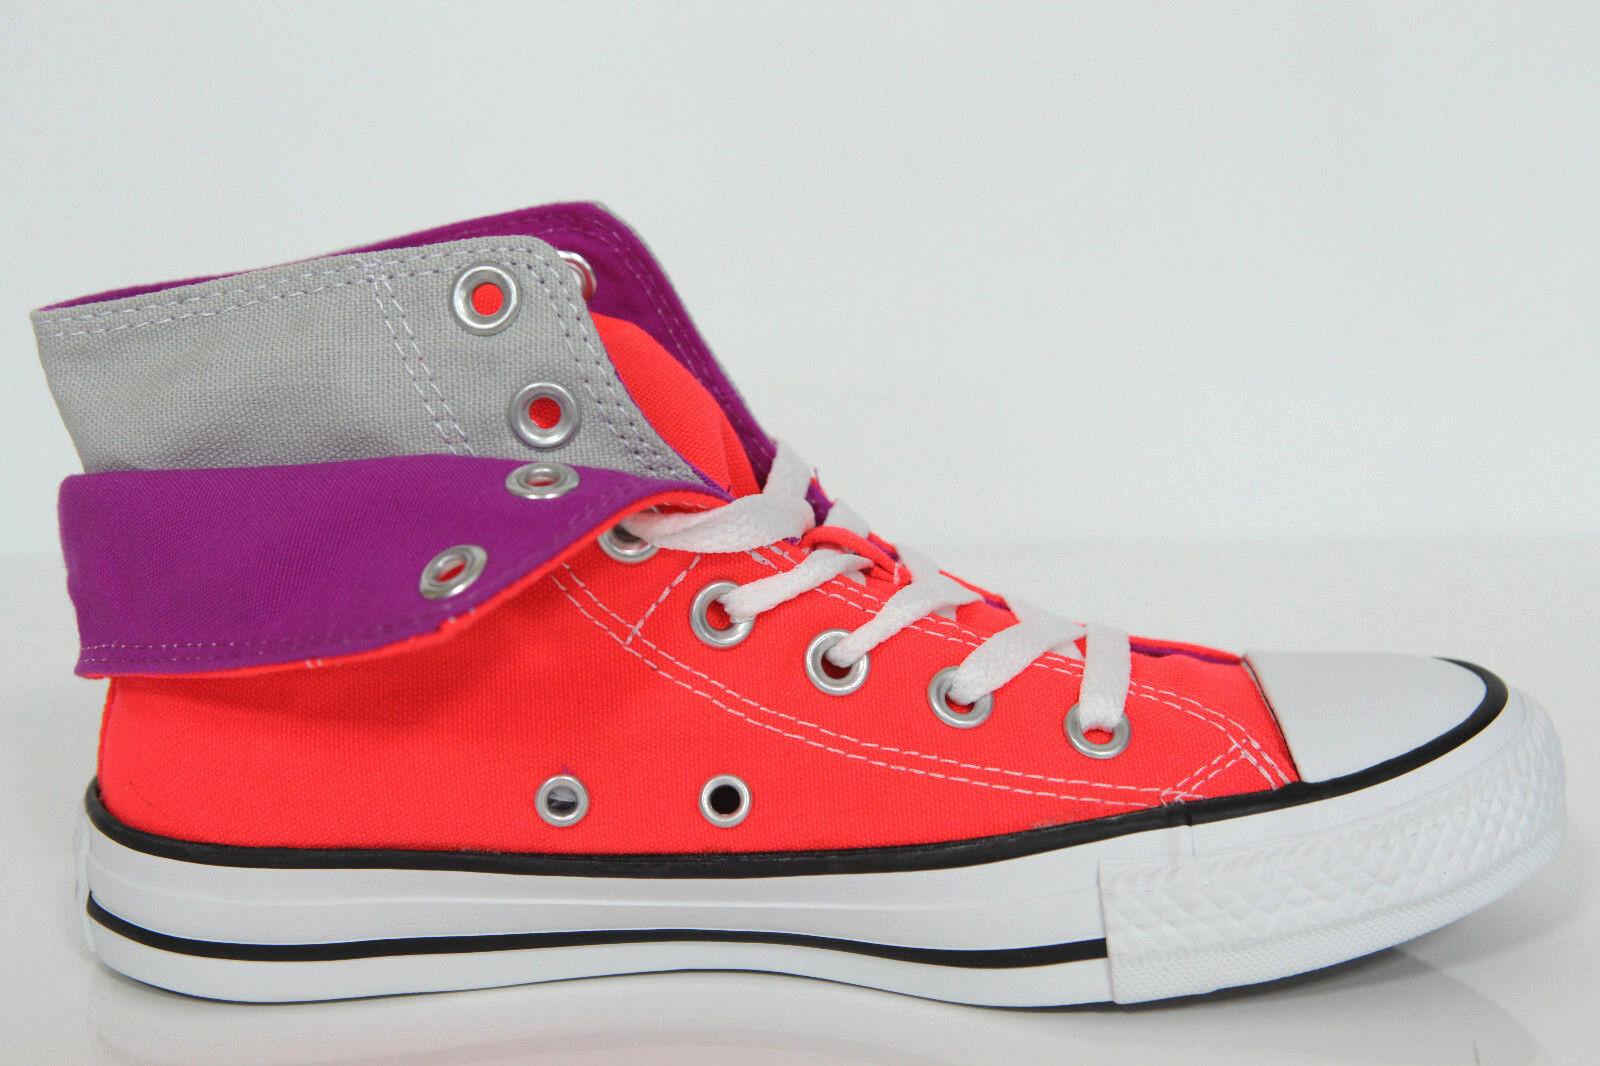 Nuevo All Star Converse Chucks Hi lino + cuero cortos señora muchos modelos de colores